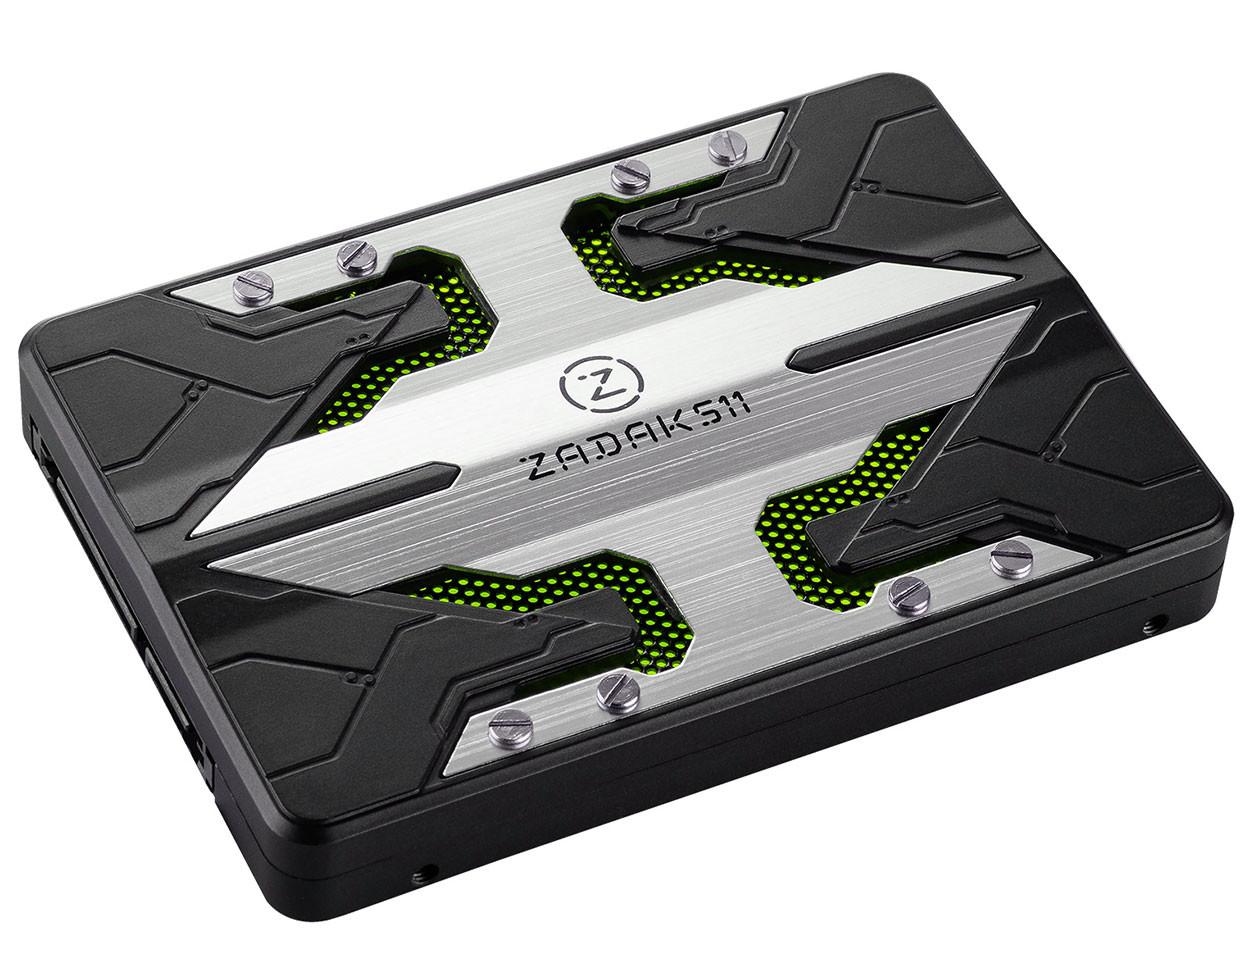 zadak511-shield-rgb-dual-interface-ssd-600-01